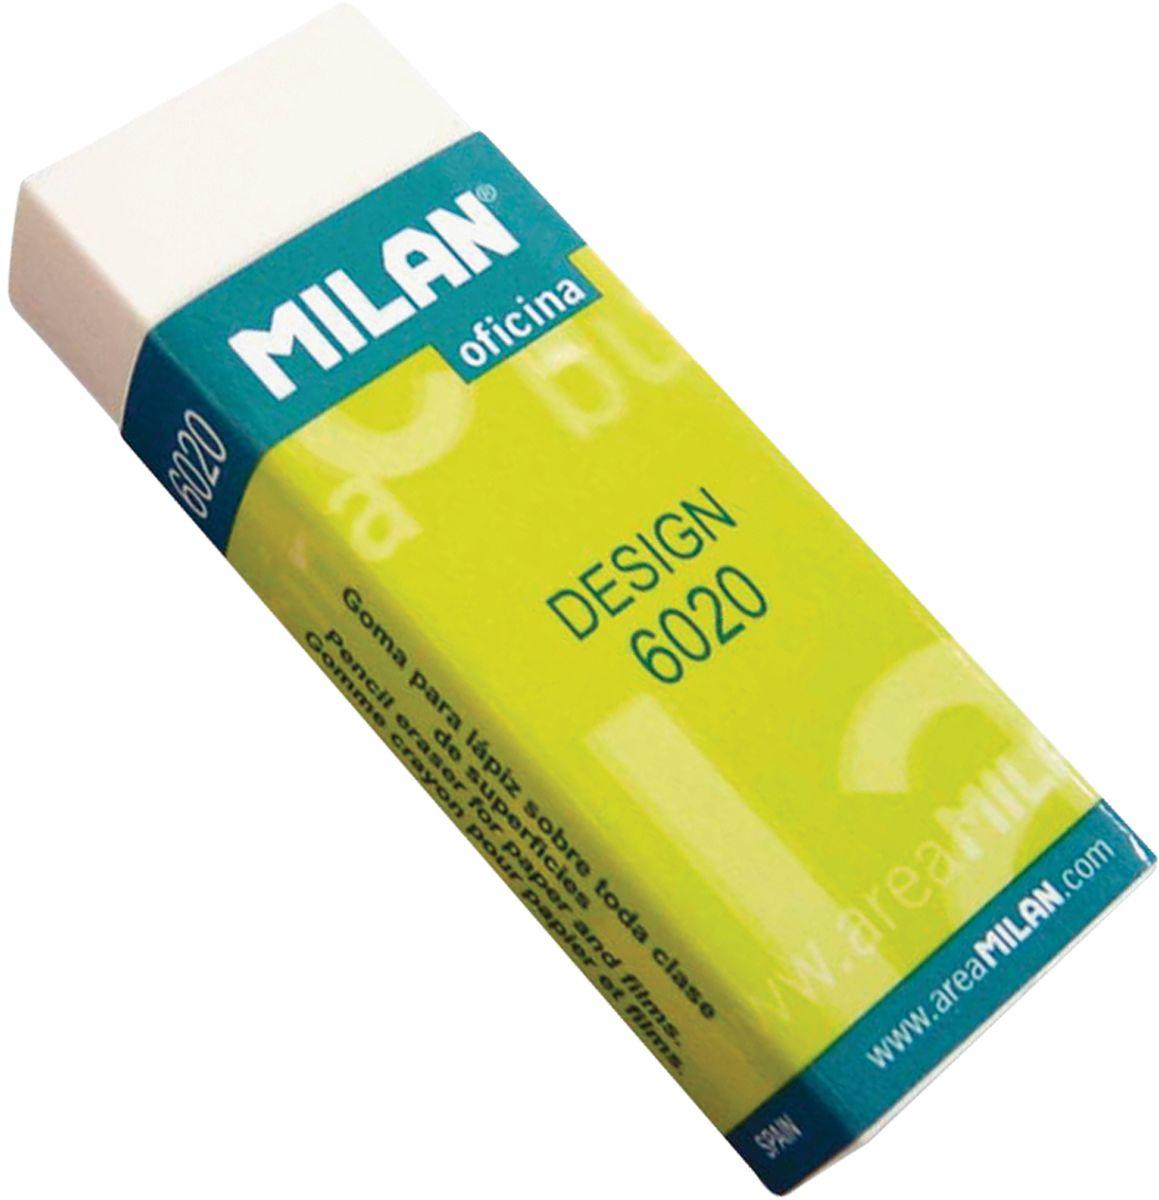 Milan Ластик Design 6020 прямоугольныйFS-36052Ластик Milan Design 6020 - это синтетический ластик широкого спектра применения в области дизайна и графики, конструкторских работ, архитектурных проектов. Картонный держатель, высокие функциональные свойства.